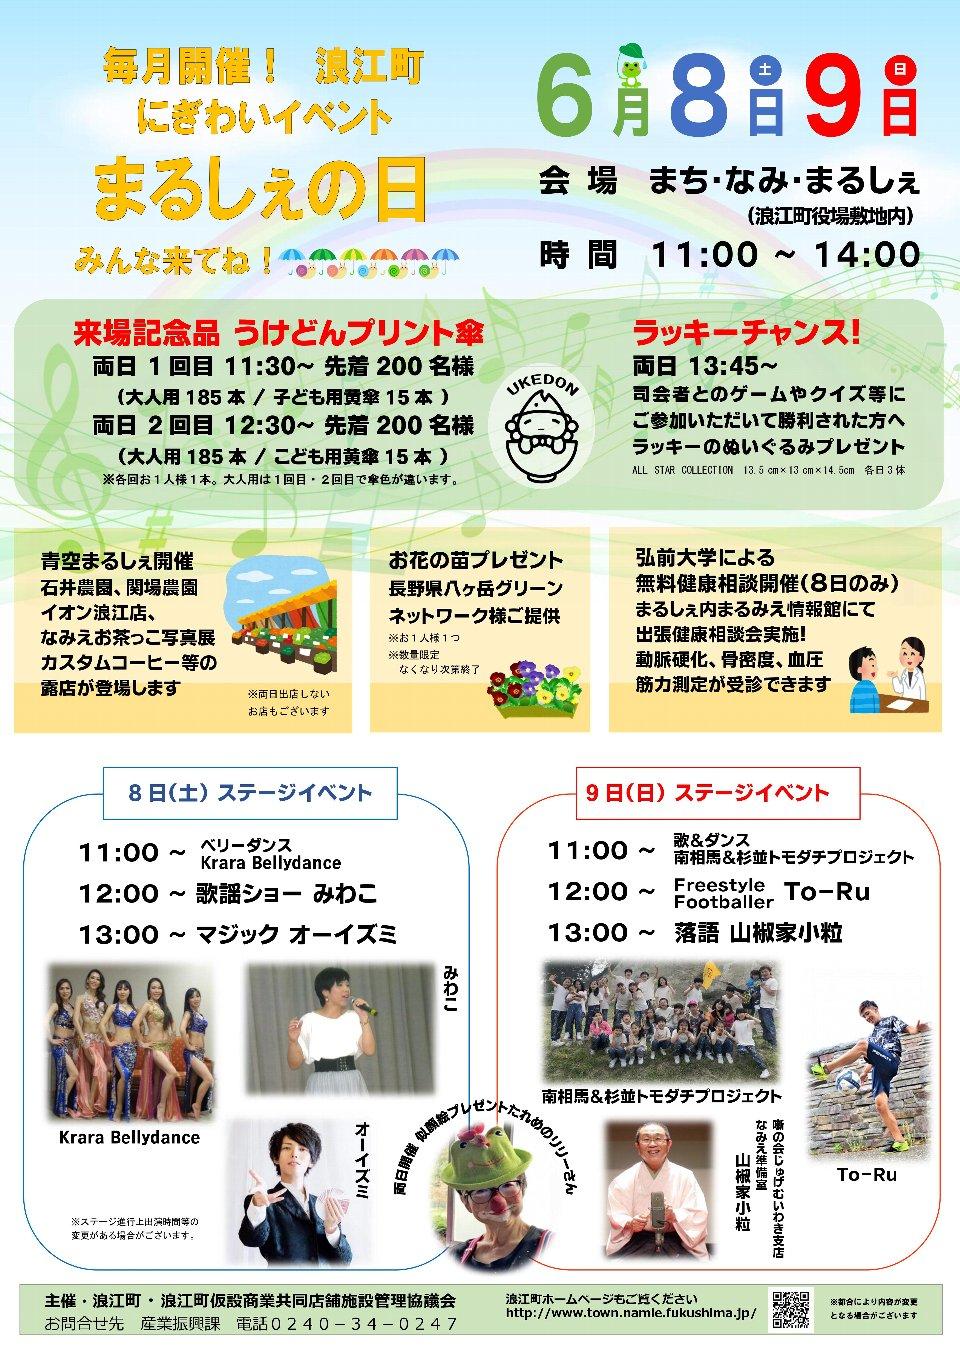 2019.6.8、9【浪江町】「まるしぇの日